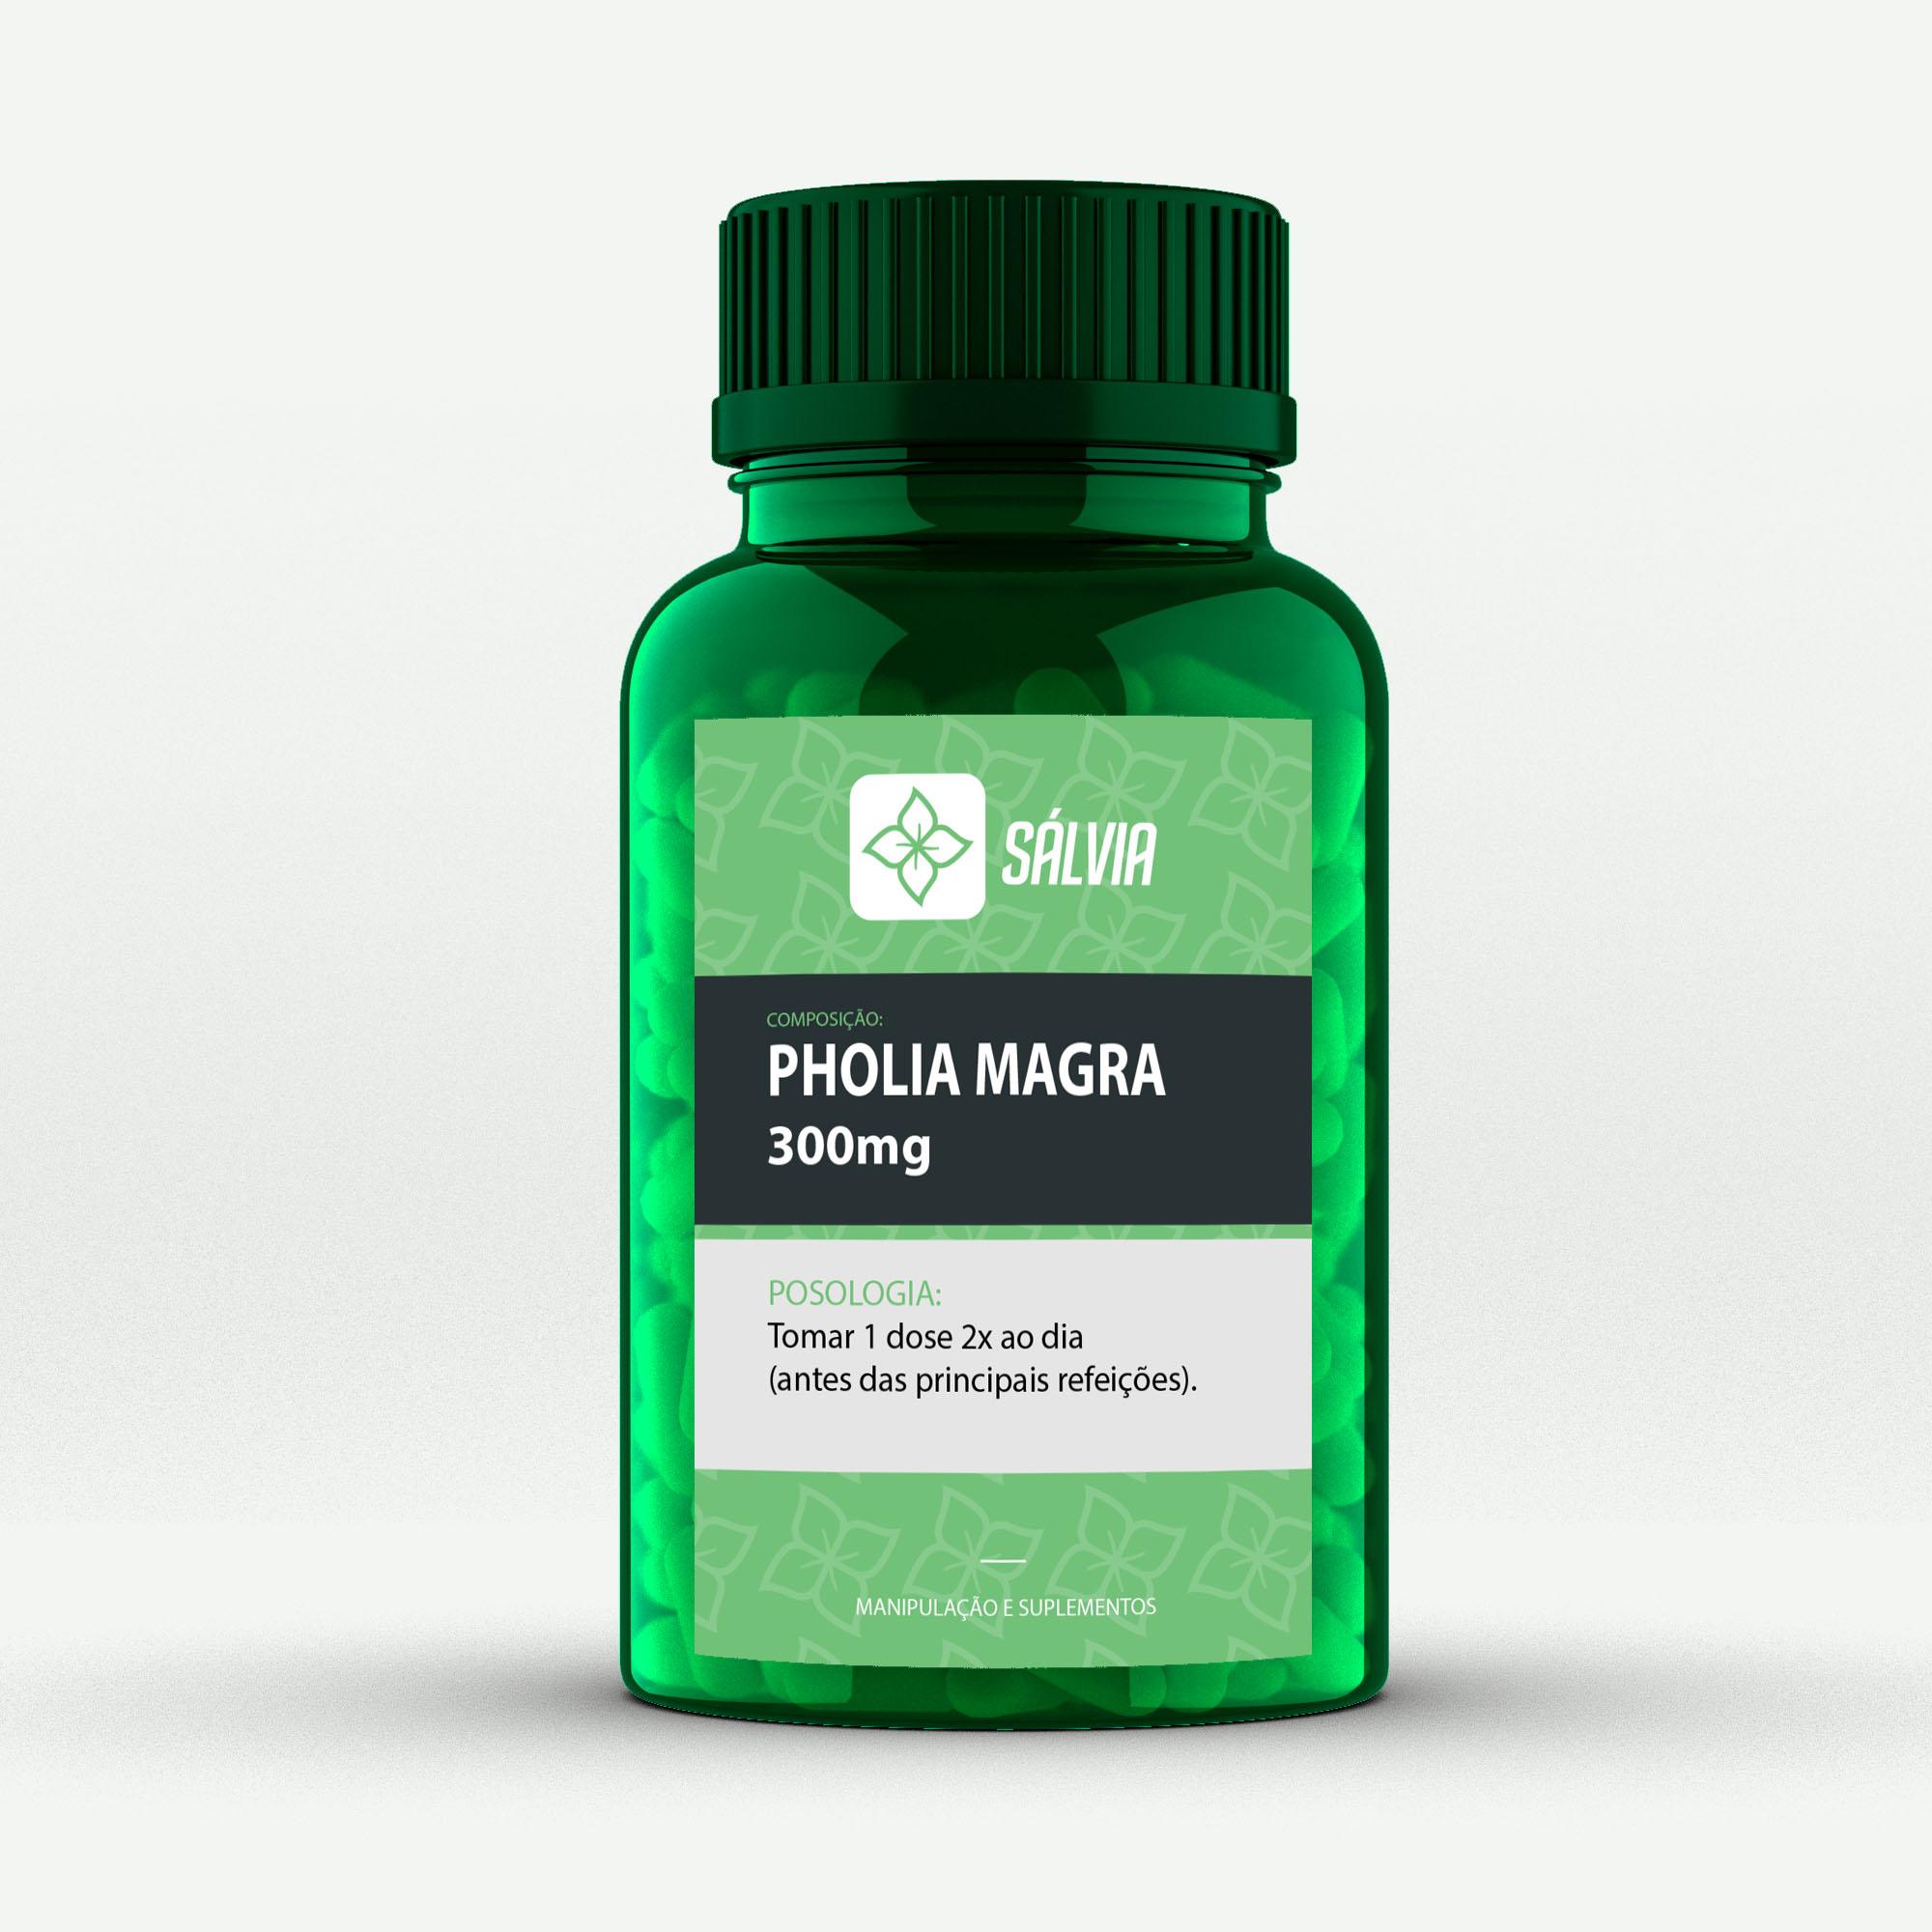 PHOLIA MAGRA 300mg - Cápsulas